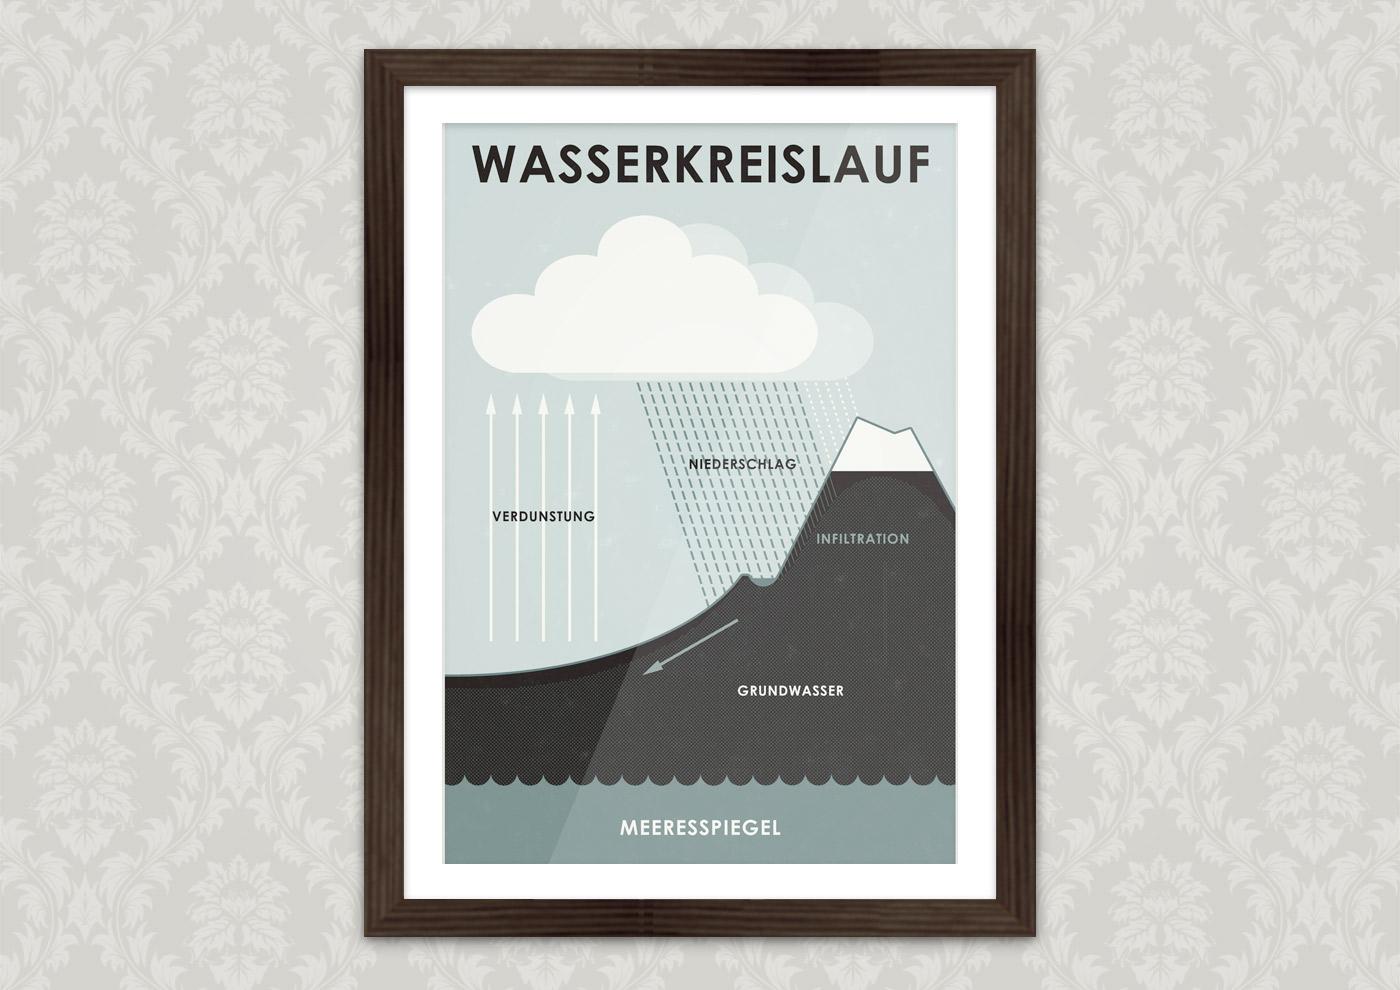 Poster mit Infografik zum Wasserkreislauf